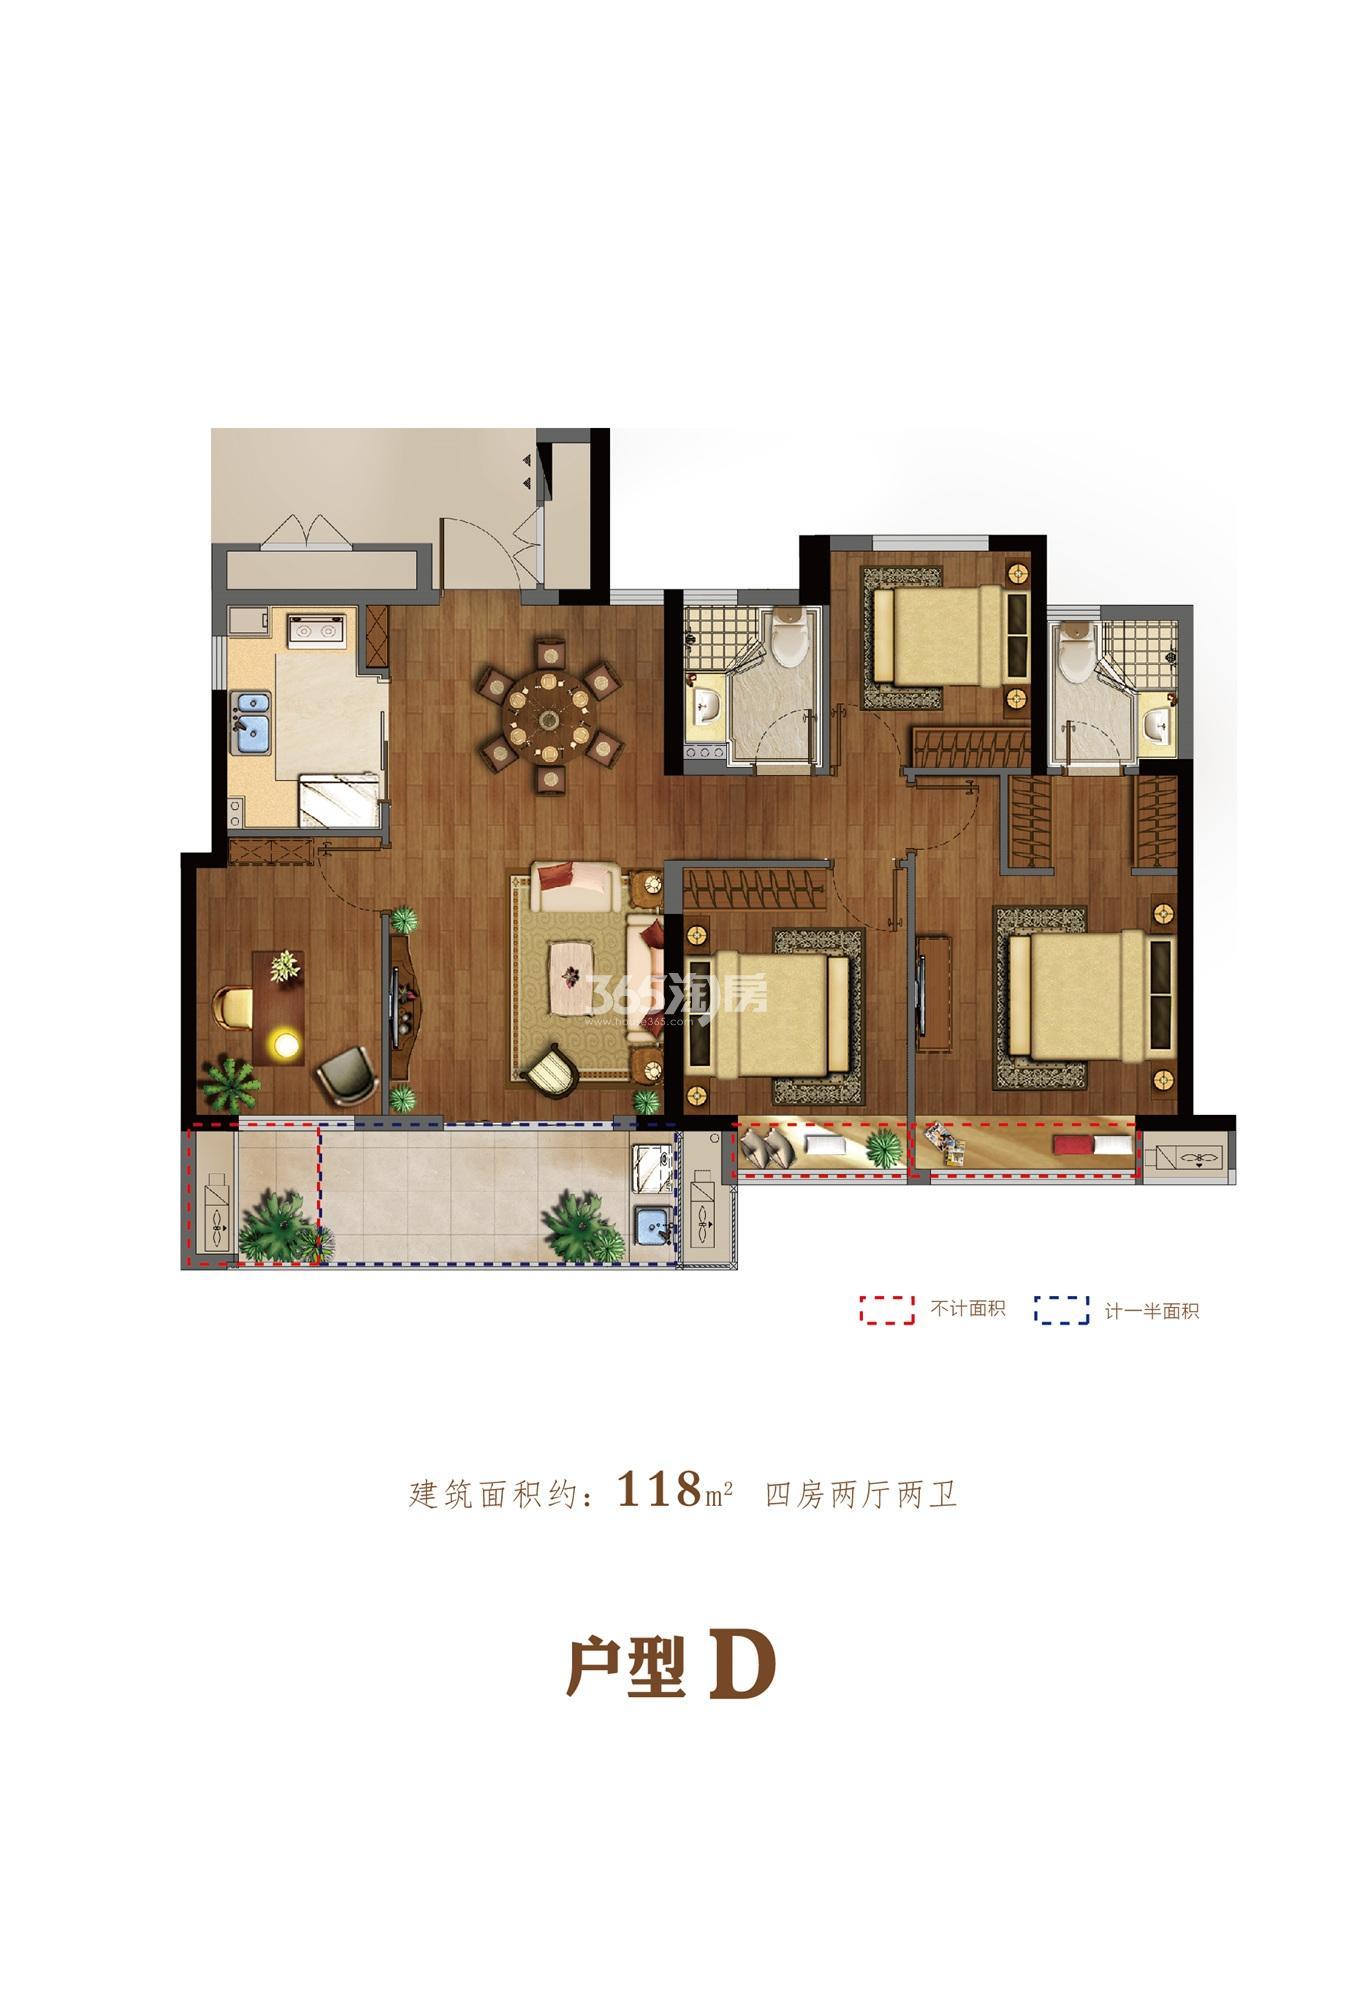 荣安翡翠半岛高层1号楼D户型 118㎡